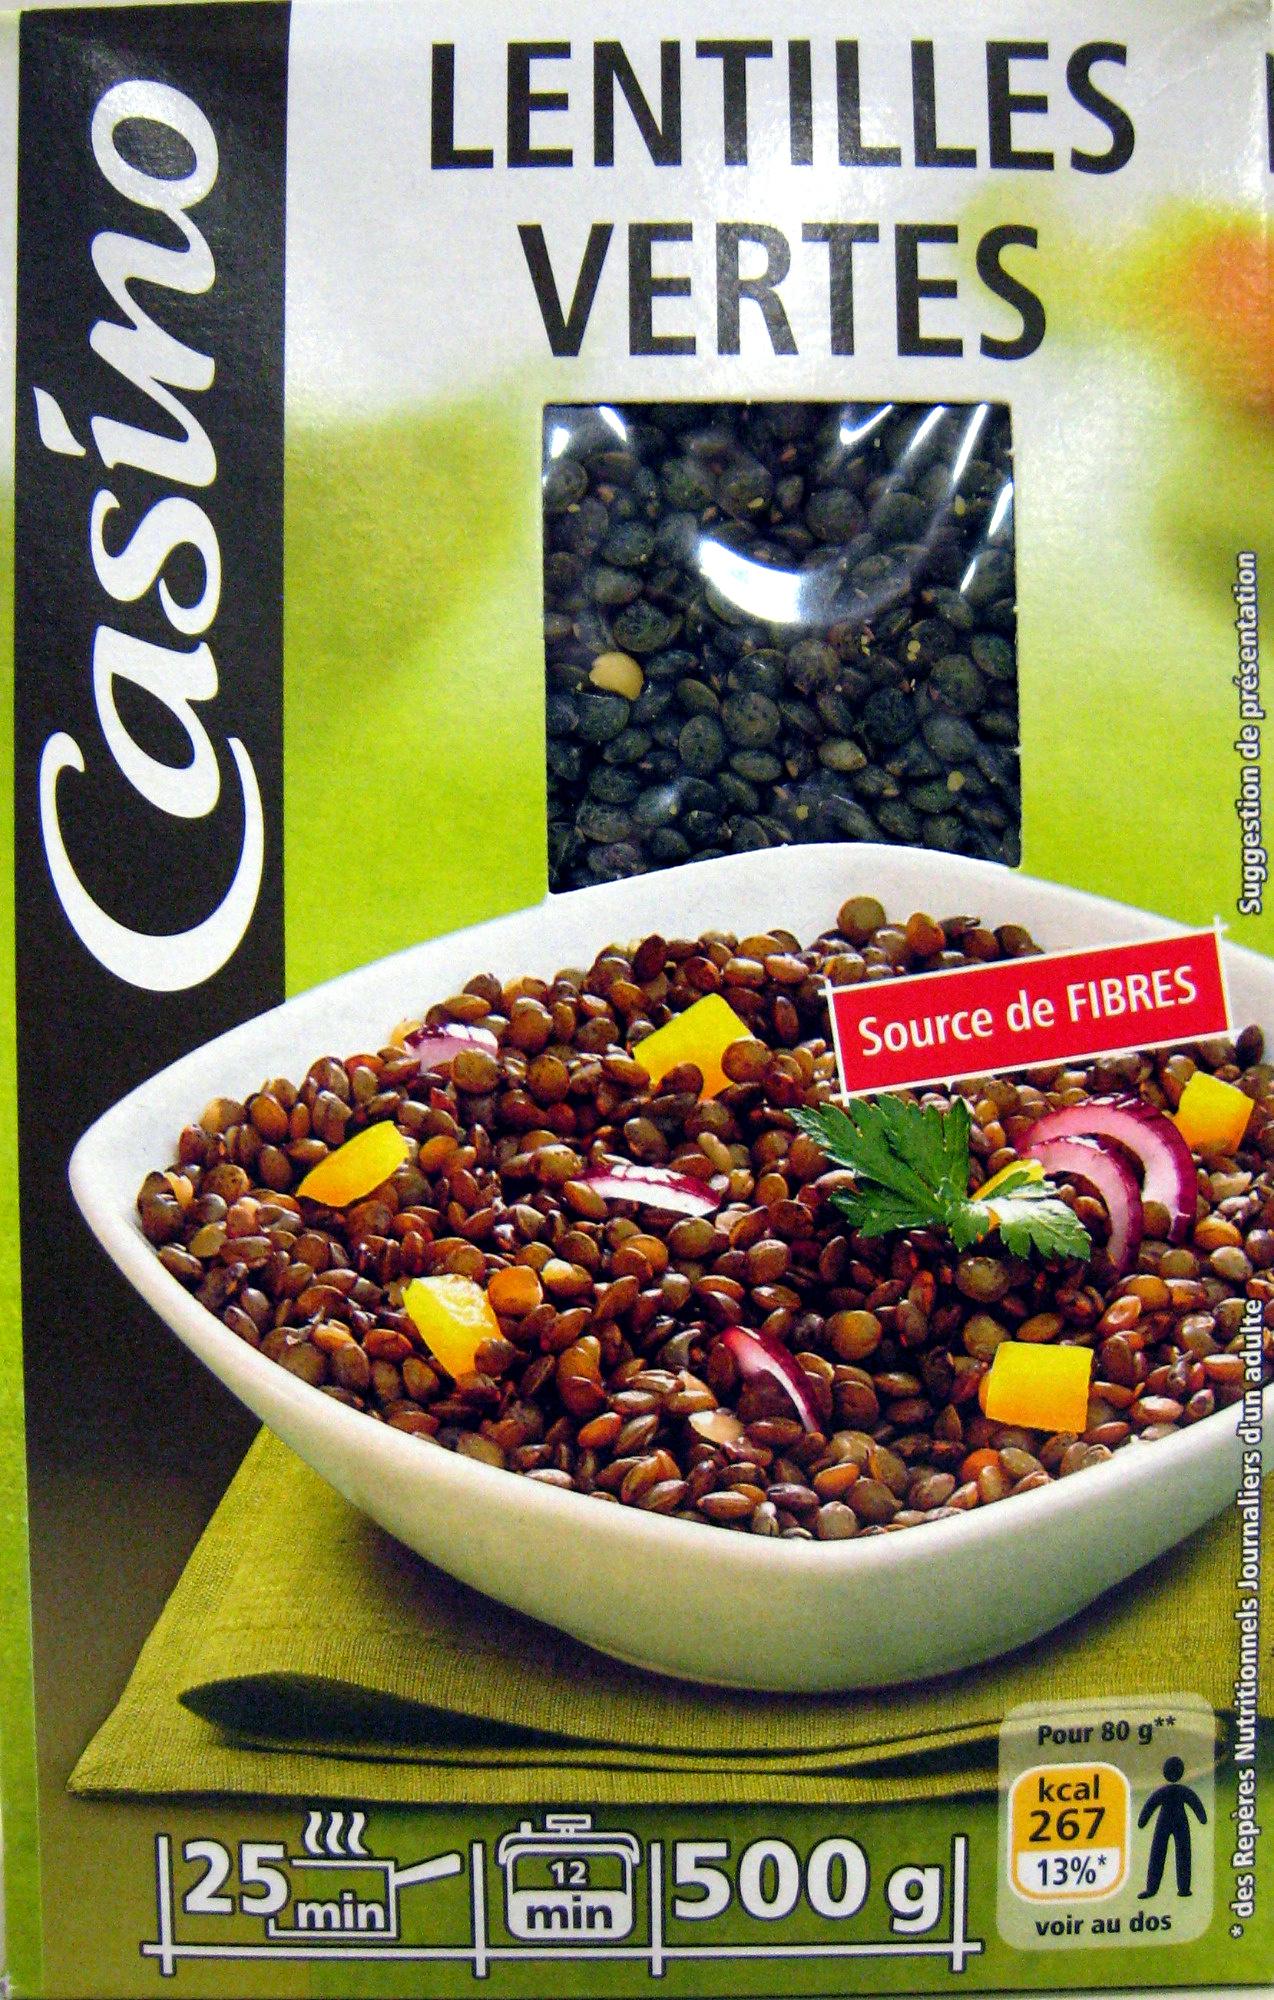 Lentilles vertes casino 500 g - Cuisiner lentilles seches ...